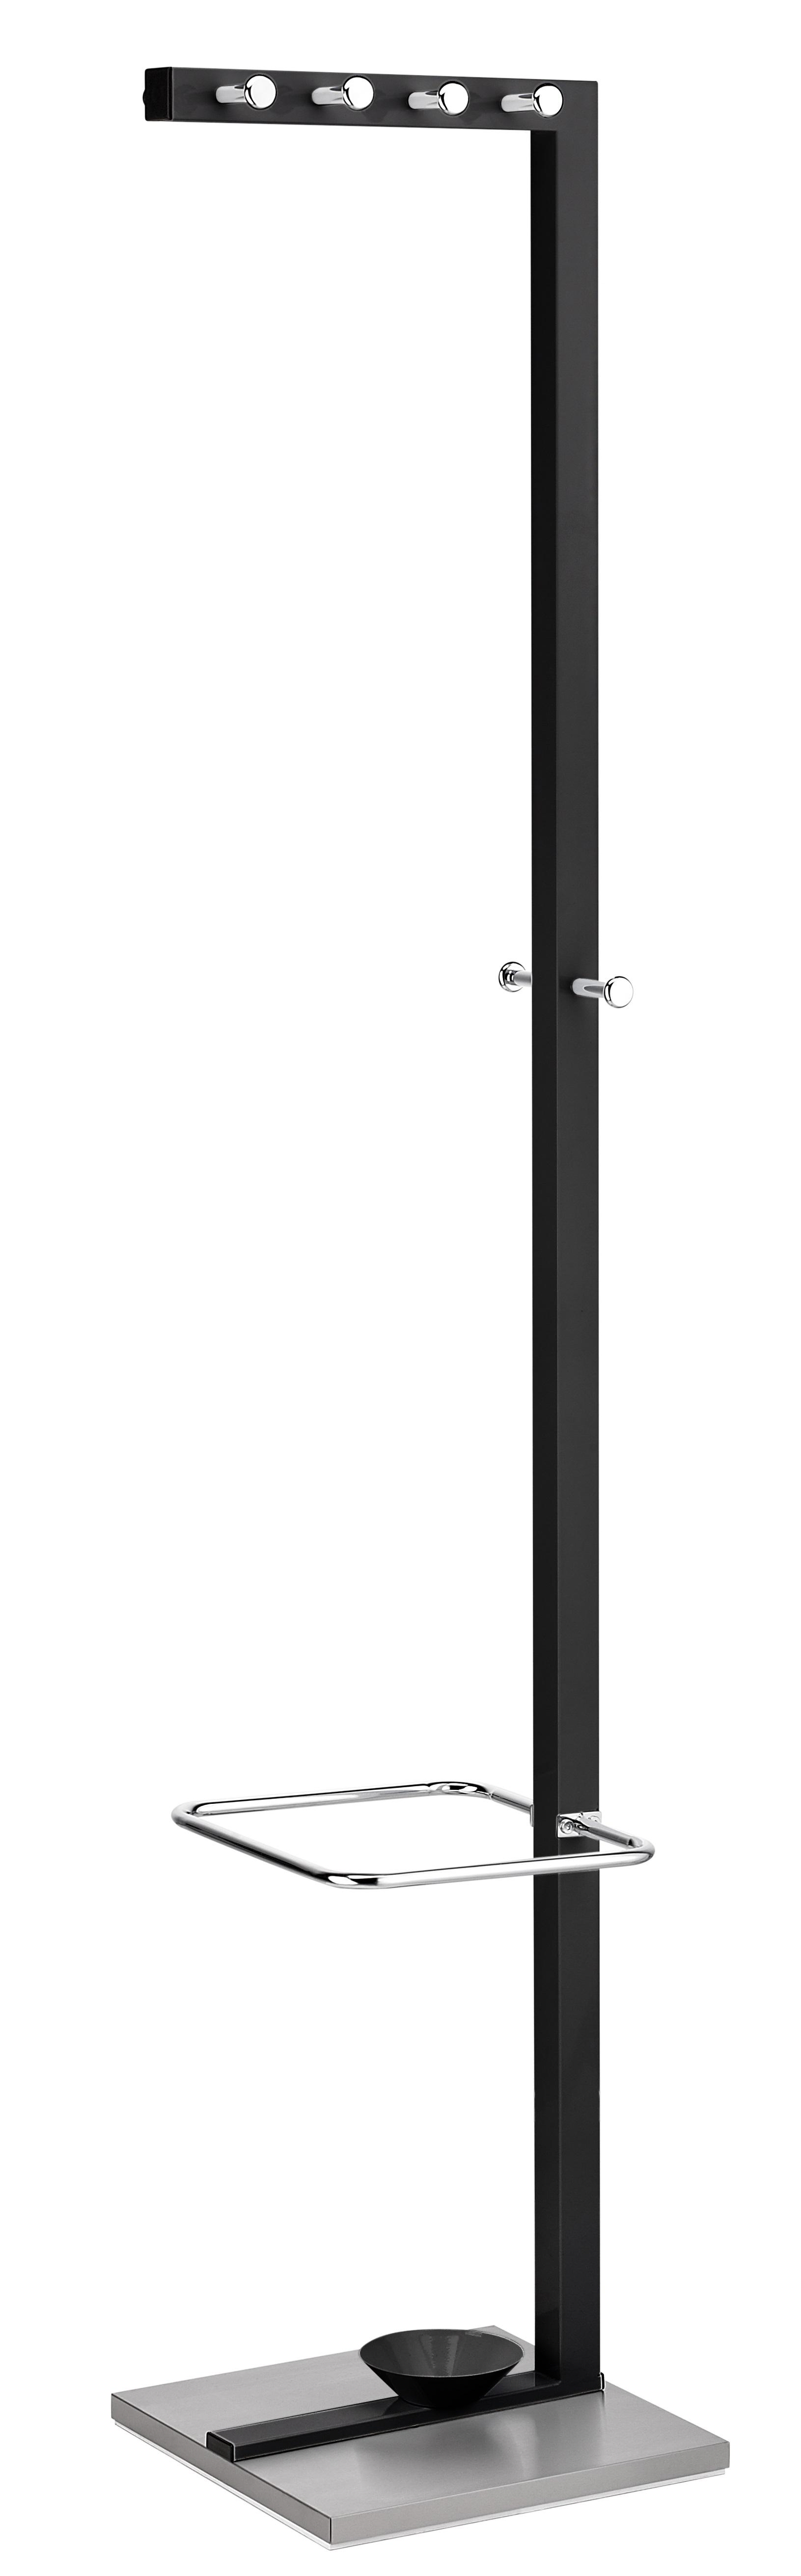 Cuier metalic ALCO Design, cu 10 agatatori cromate, suport umbrele - negru/stainless steel